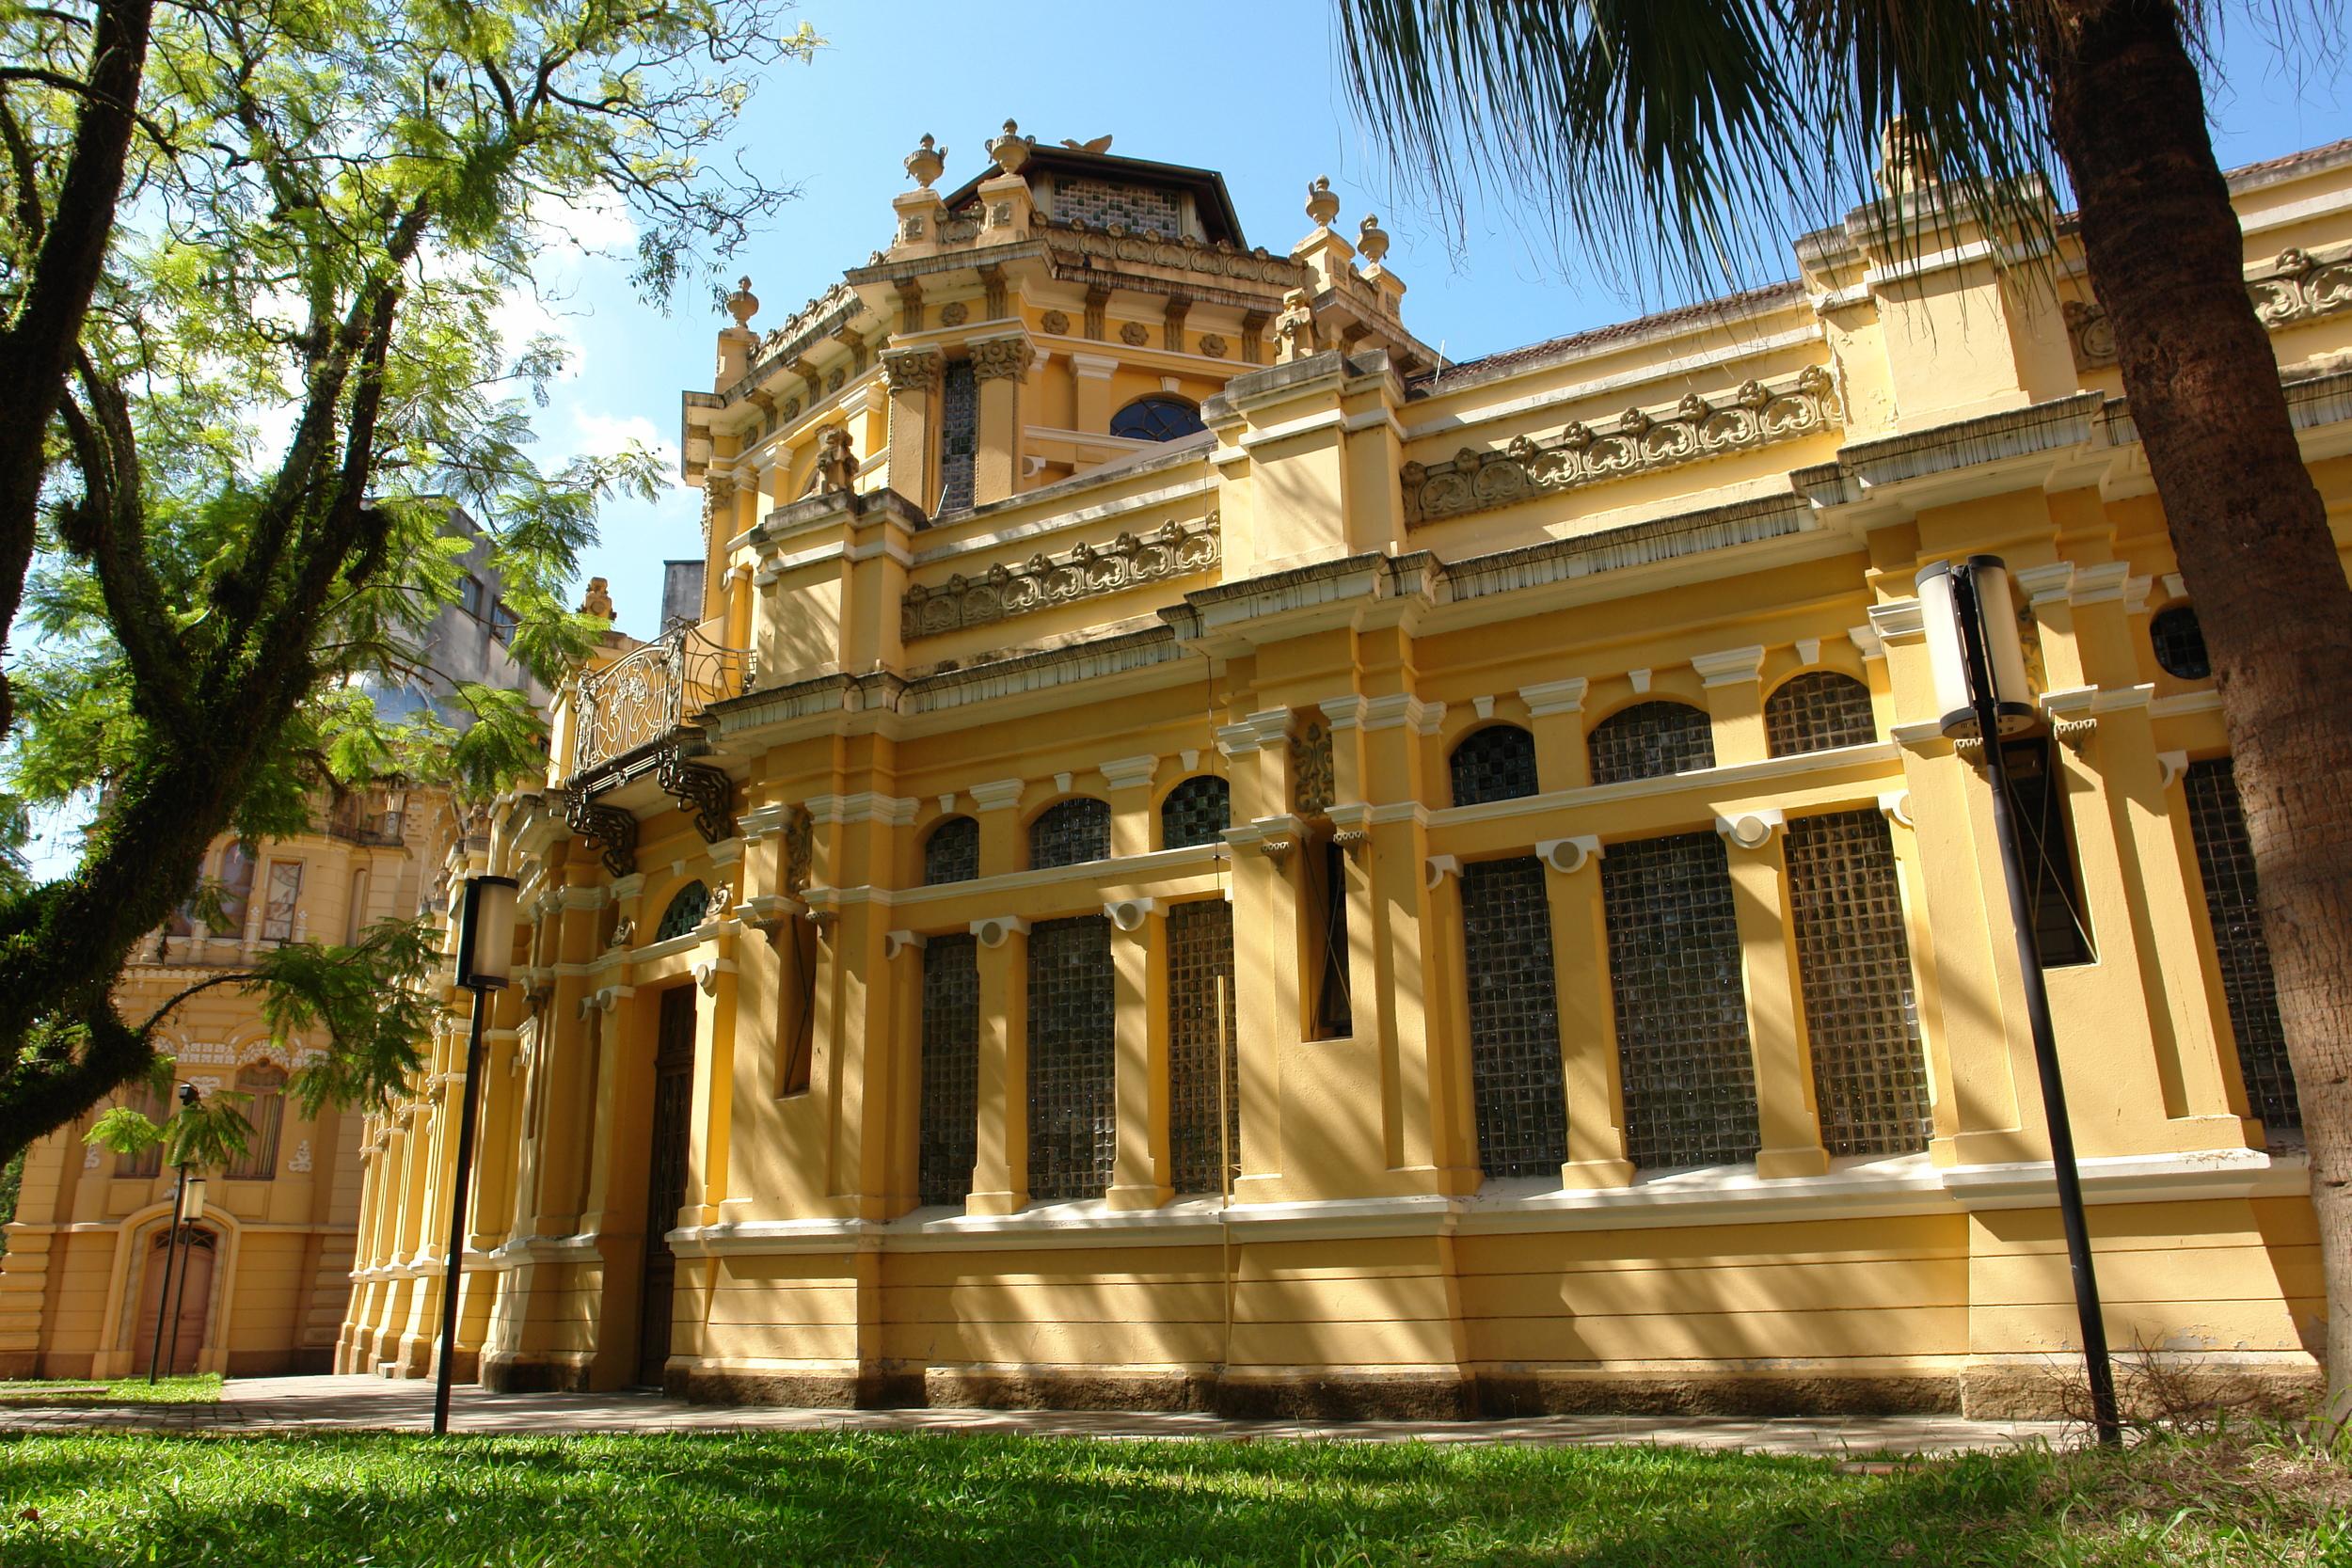 O curso é ministrado pela Universidade Federal do Rio Grande do Sul. Foto: Cadinho Andrade / UFRGS